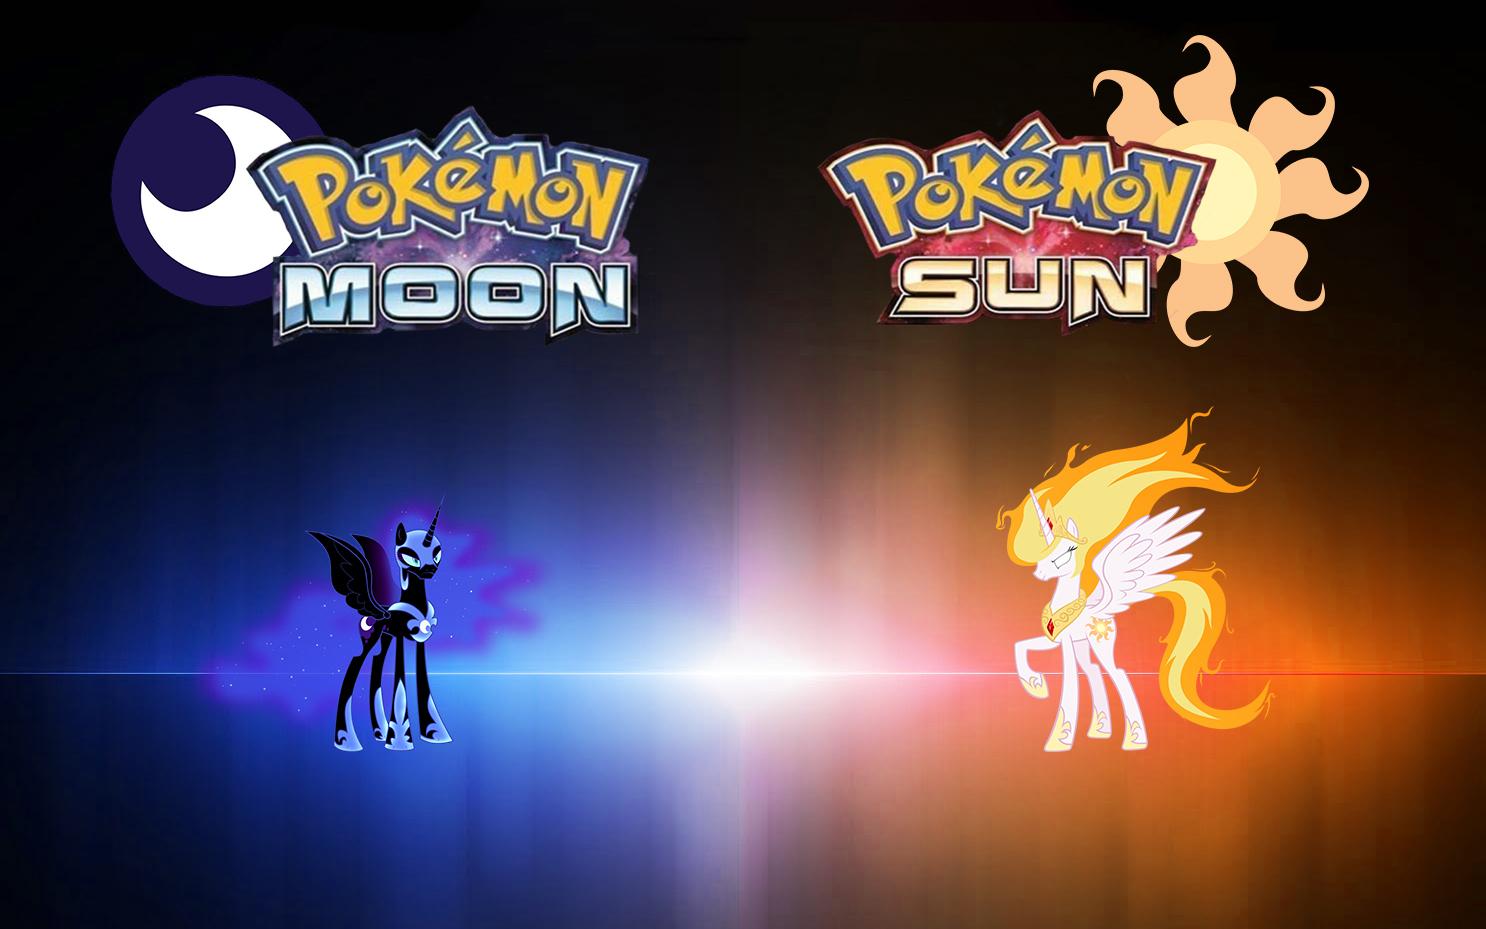 精灵宝可梦:太阳/月亮 精灵qr码